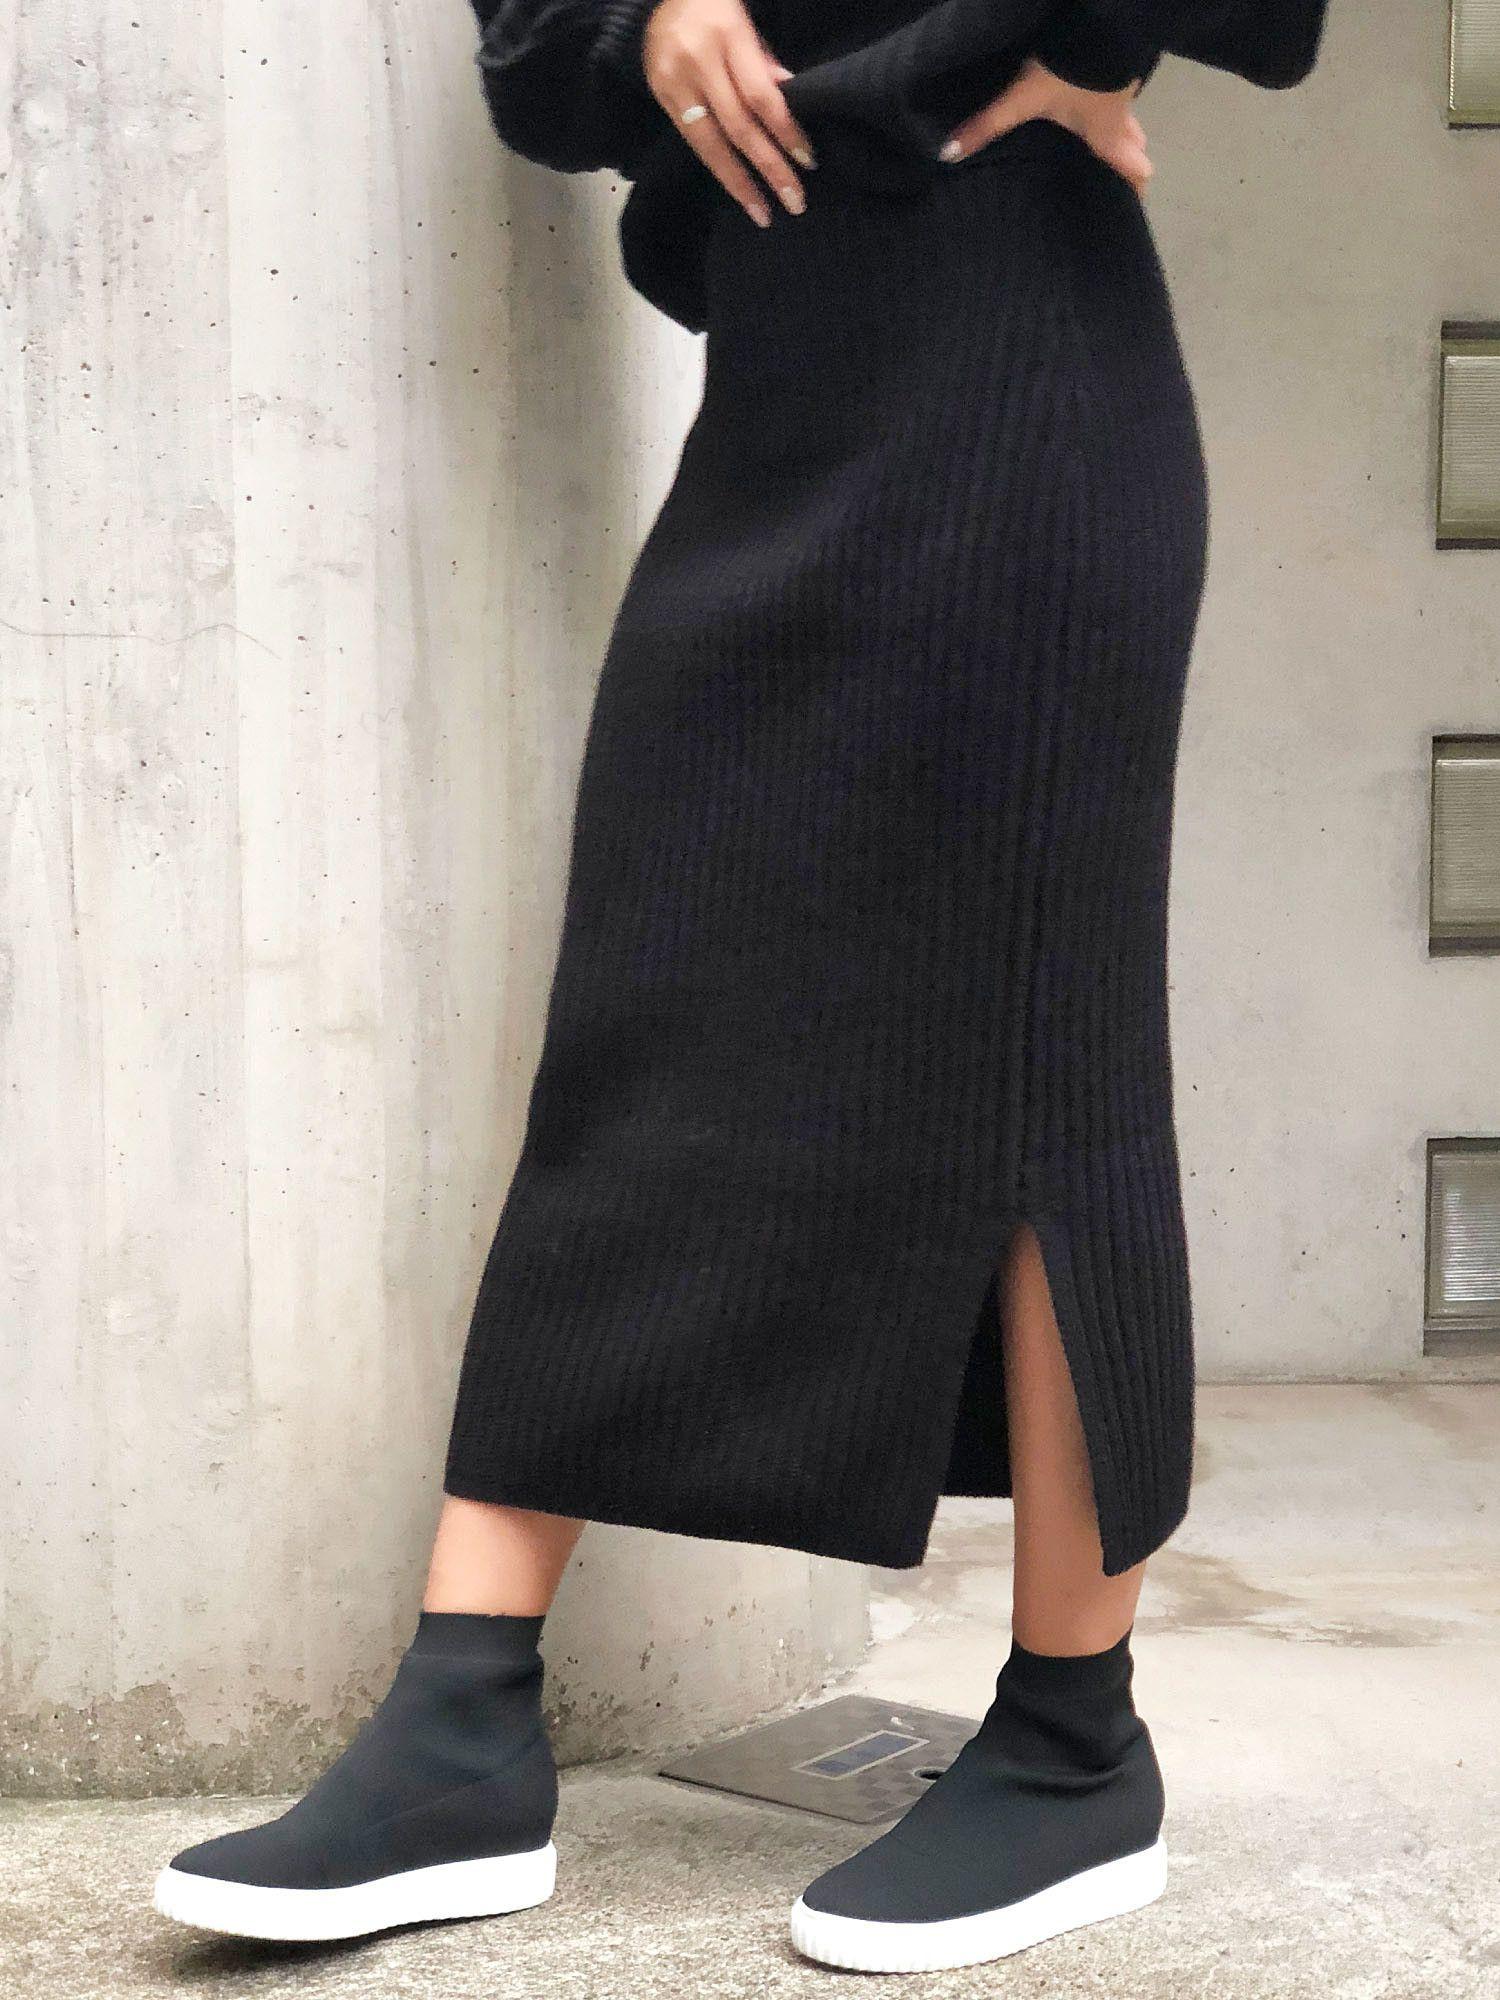 笨重的罗纹针织裙